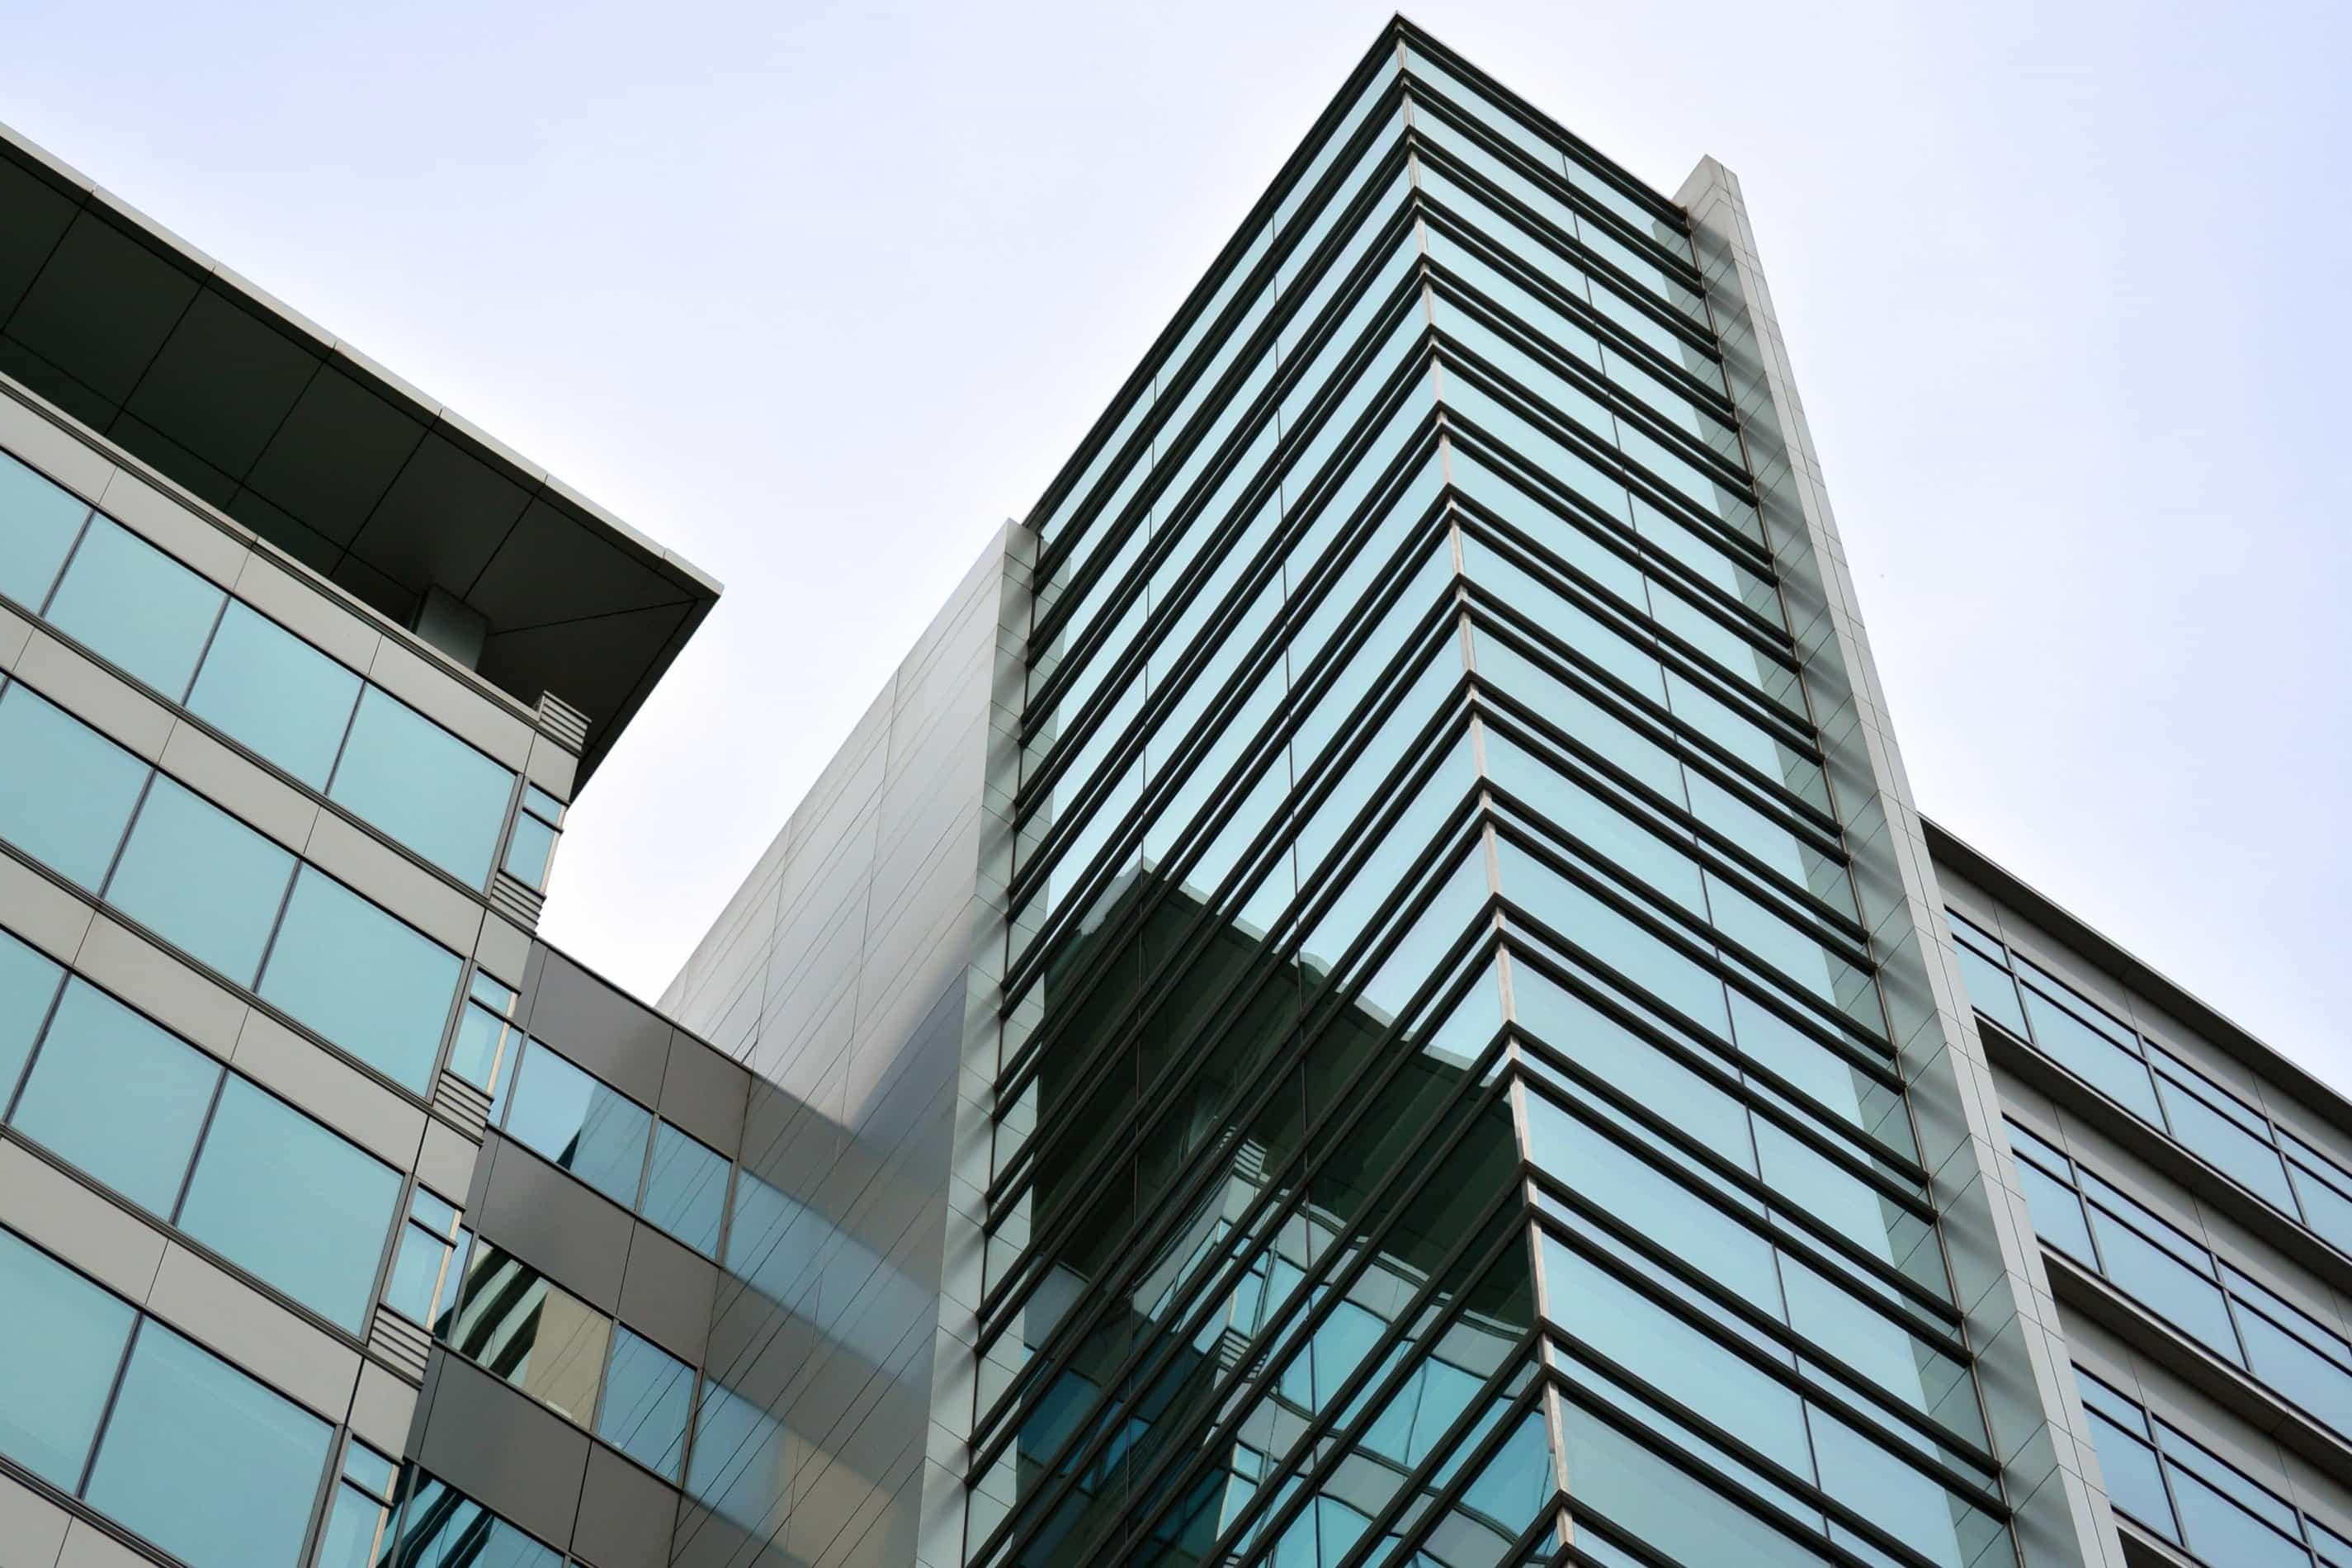 Kostenlose bild geb ude architektur fenster innenstadt for Moderne architektur gebaude